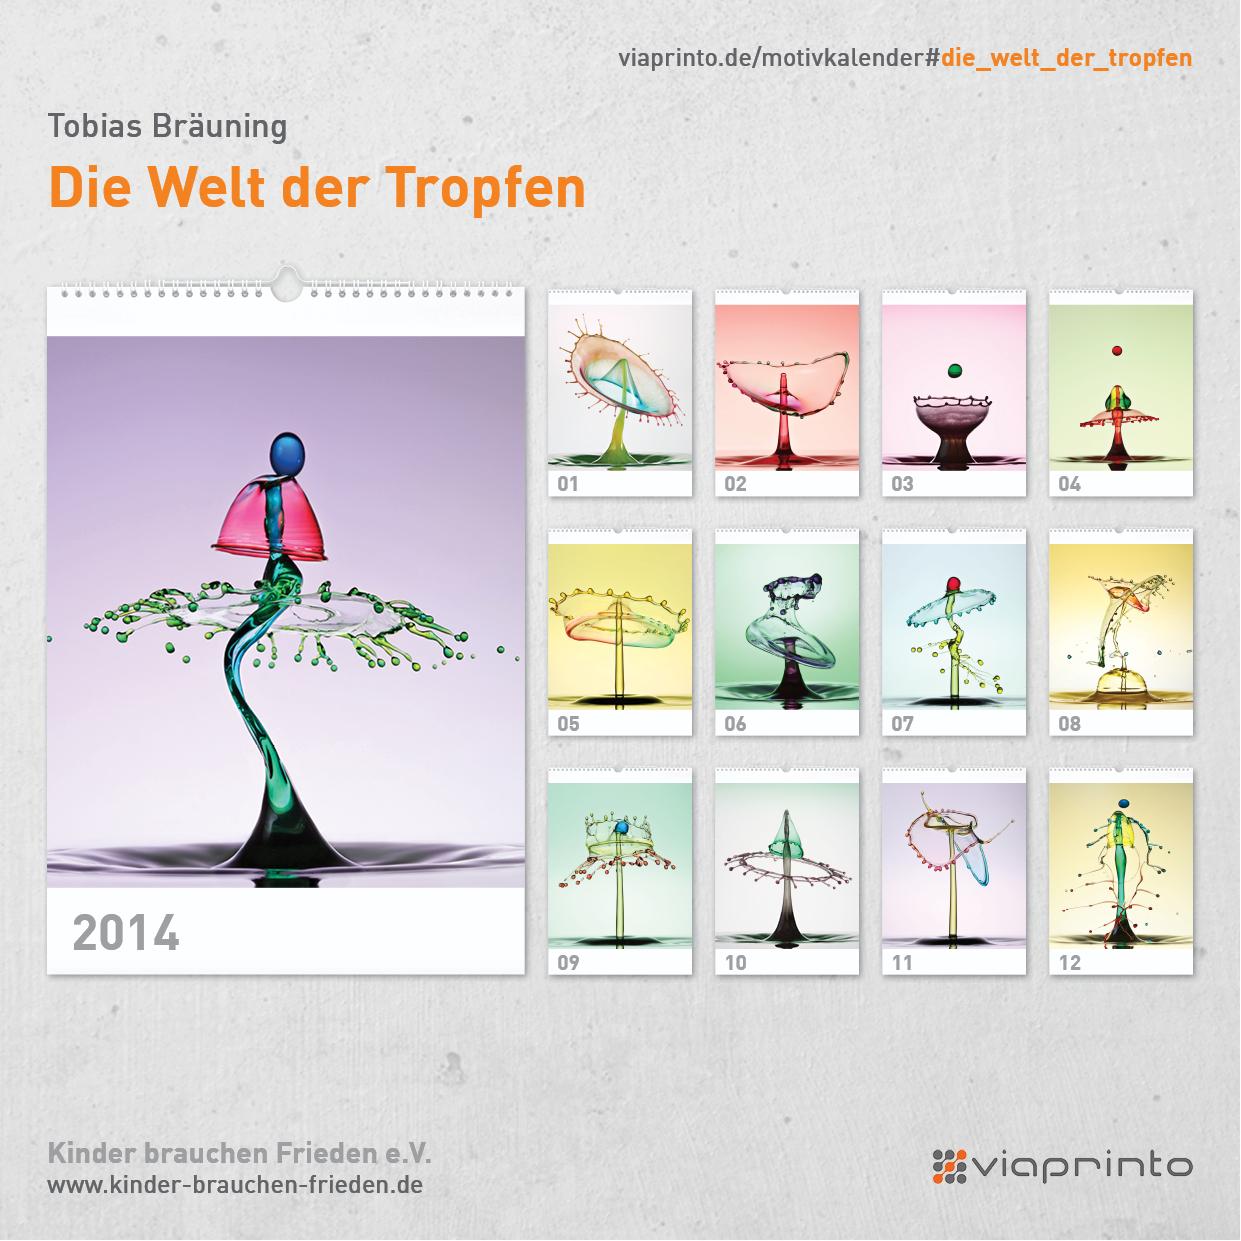 https://www.viaprinto.de/motivkalender#/die_welt_der_tropfen